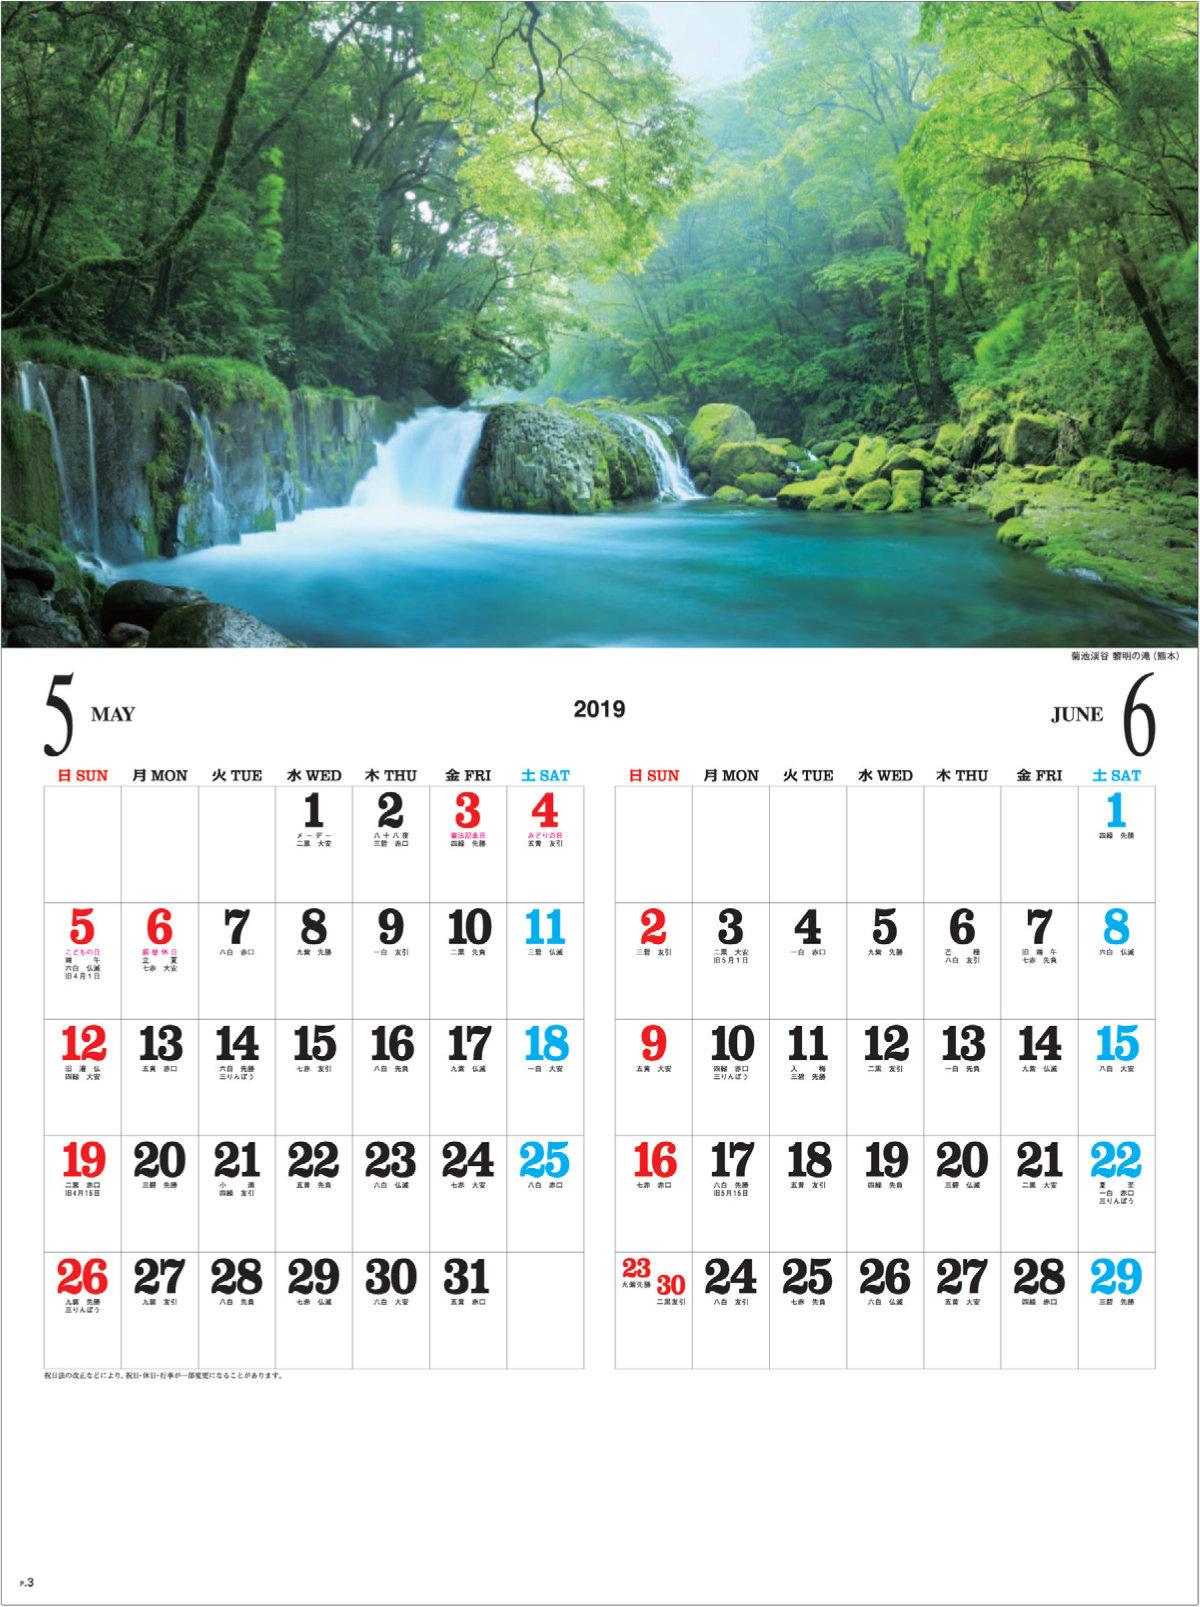 画像:菊池渓谷聡明の滝(熊本) 日本六景 2019年カレンダー